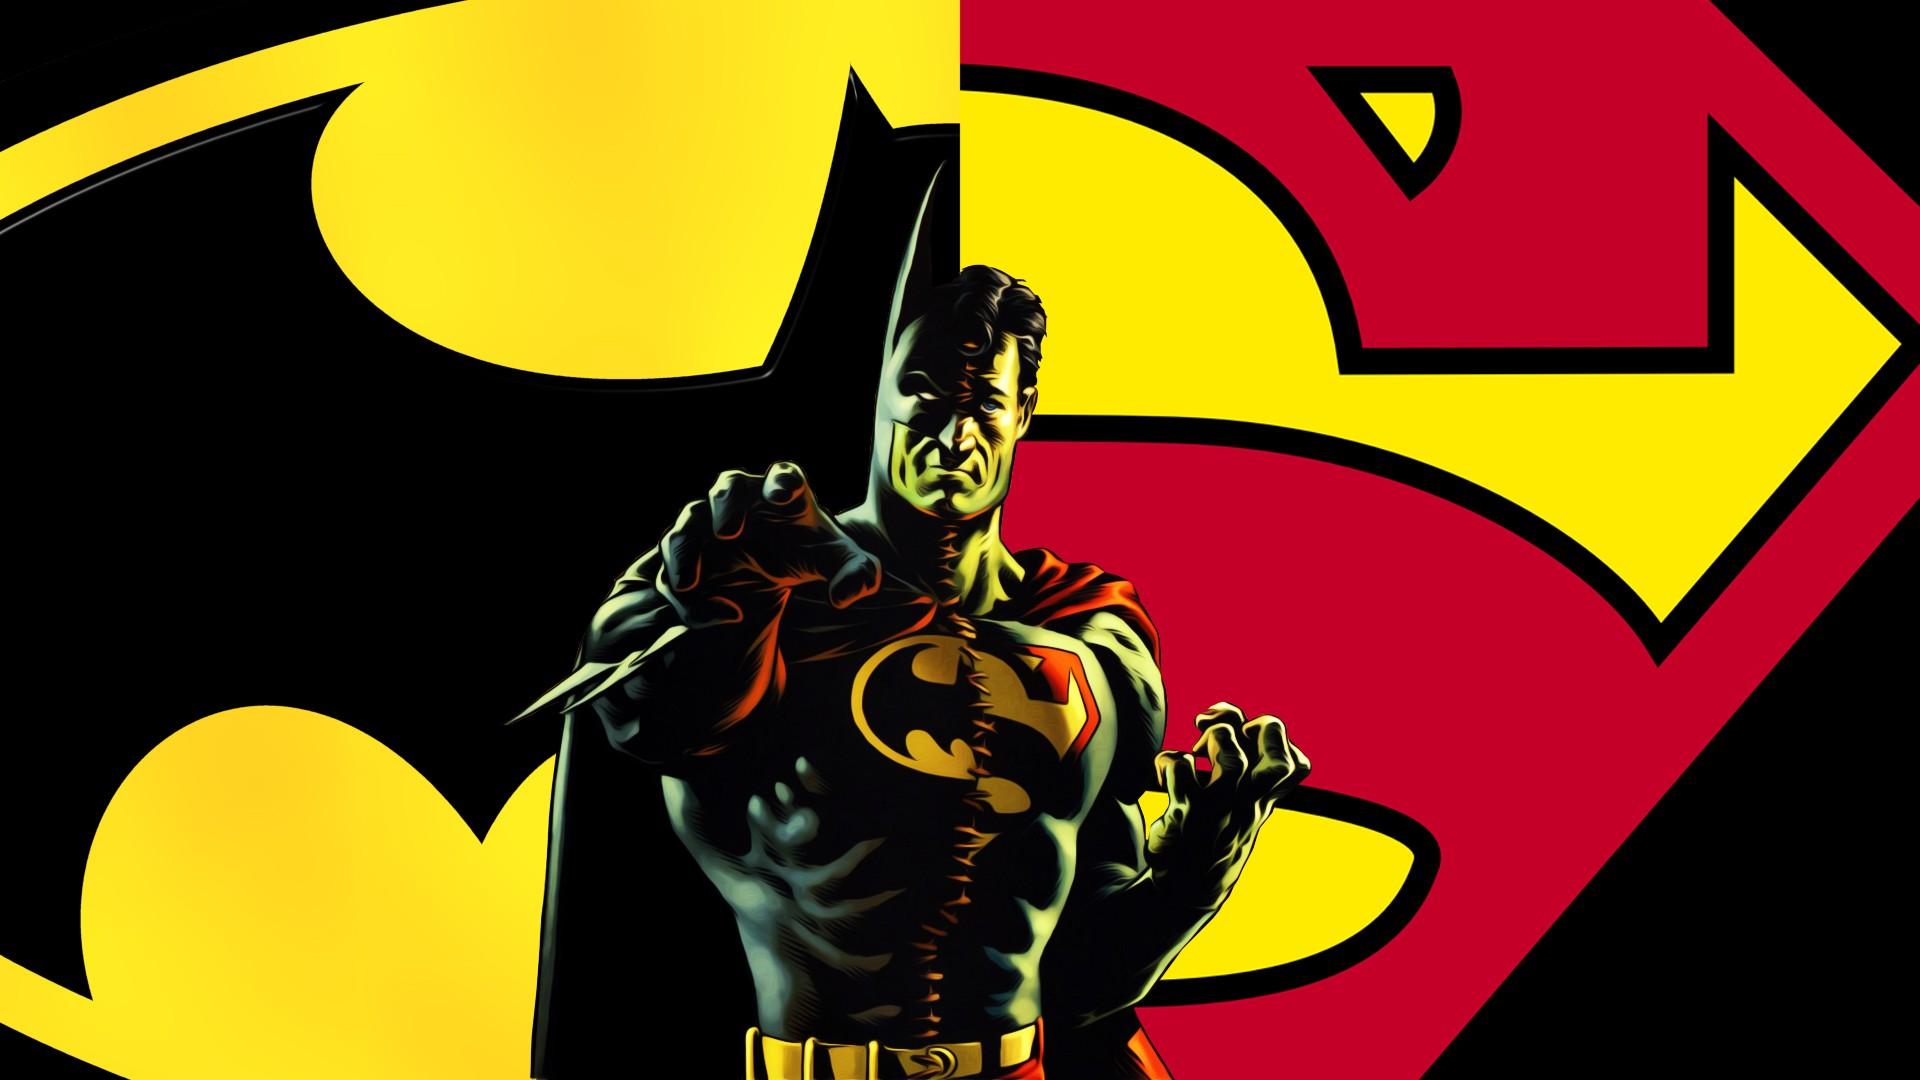 Dessins En Couleurs à Imprimer Spiderman Numéro 22321: Dessins En Couleurs à Imprimer : Batman, Numéro : 684337